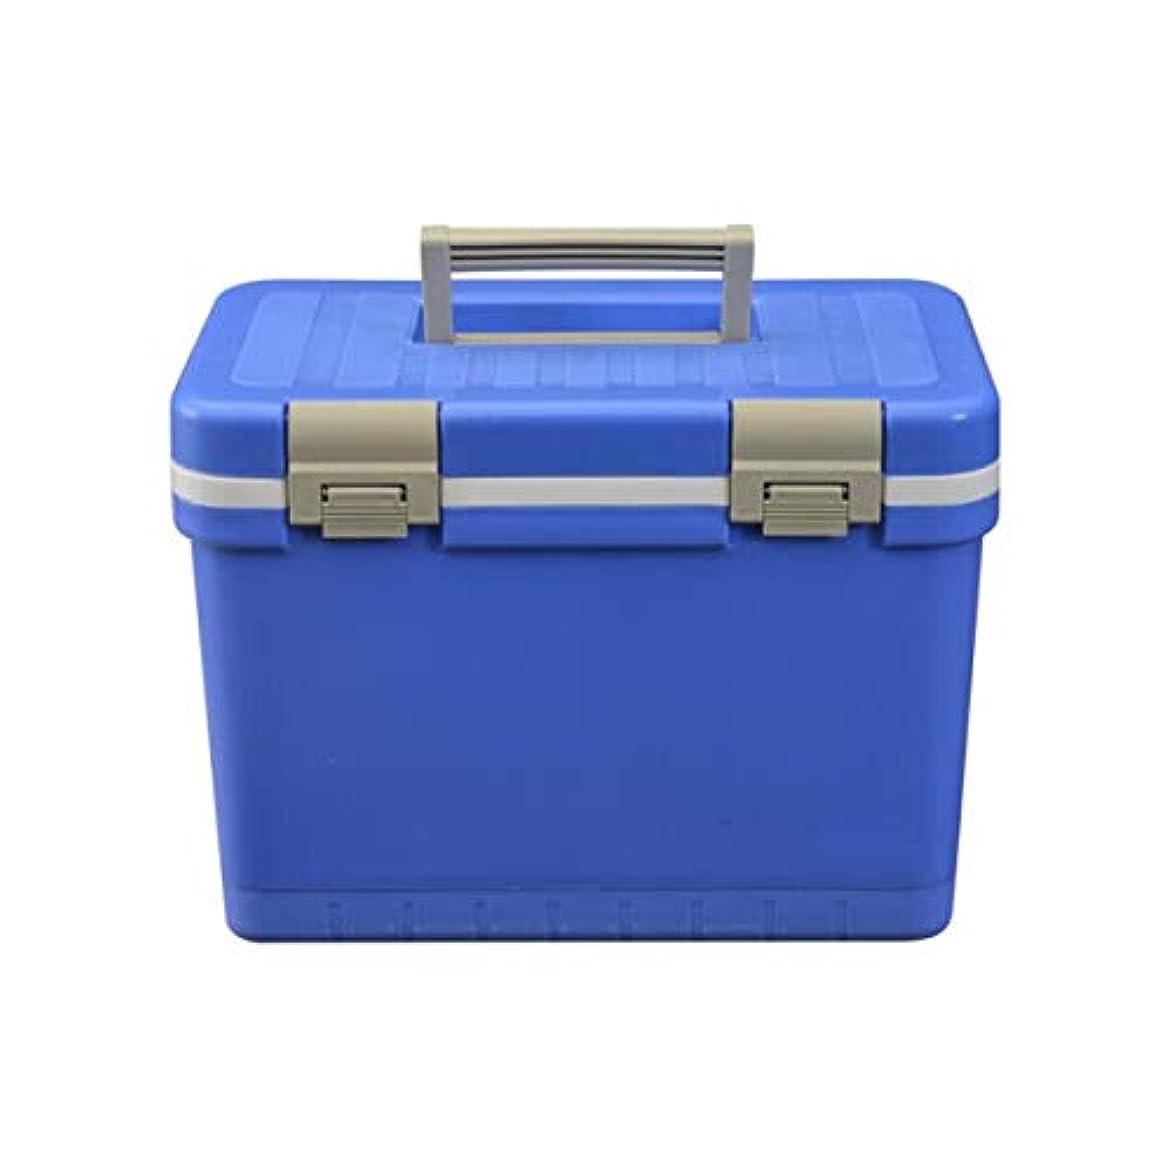 改善するいつも入場料KEHUITONG クーラー、12リットル車のインキュベーターポータブル家庭用冷蔵庫医療薬ワクチンコールドチェーンボックス屋外自動運転バーベキュー釣りボックス付き/なし温度計